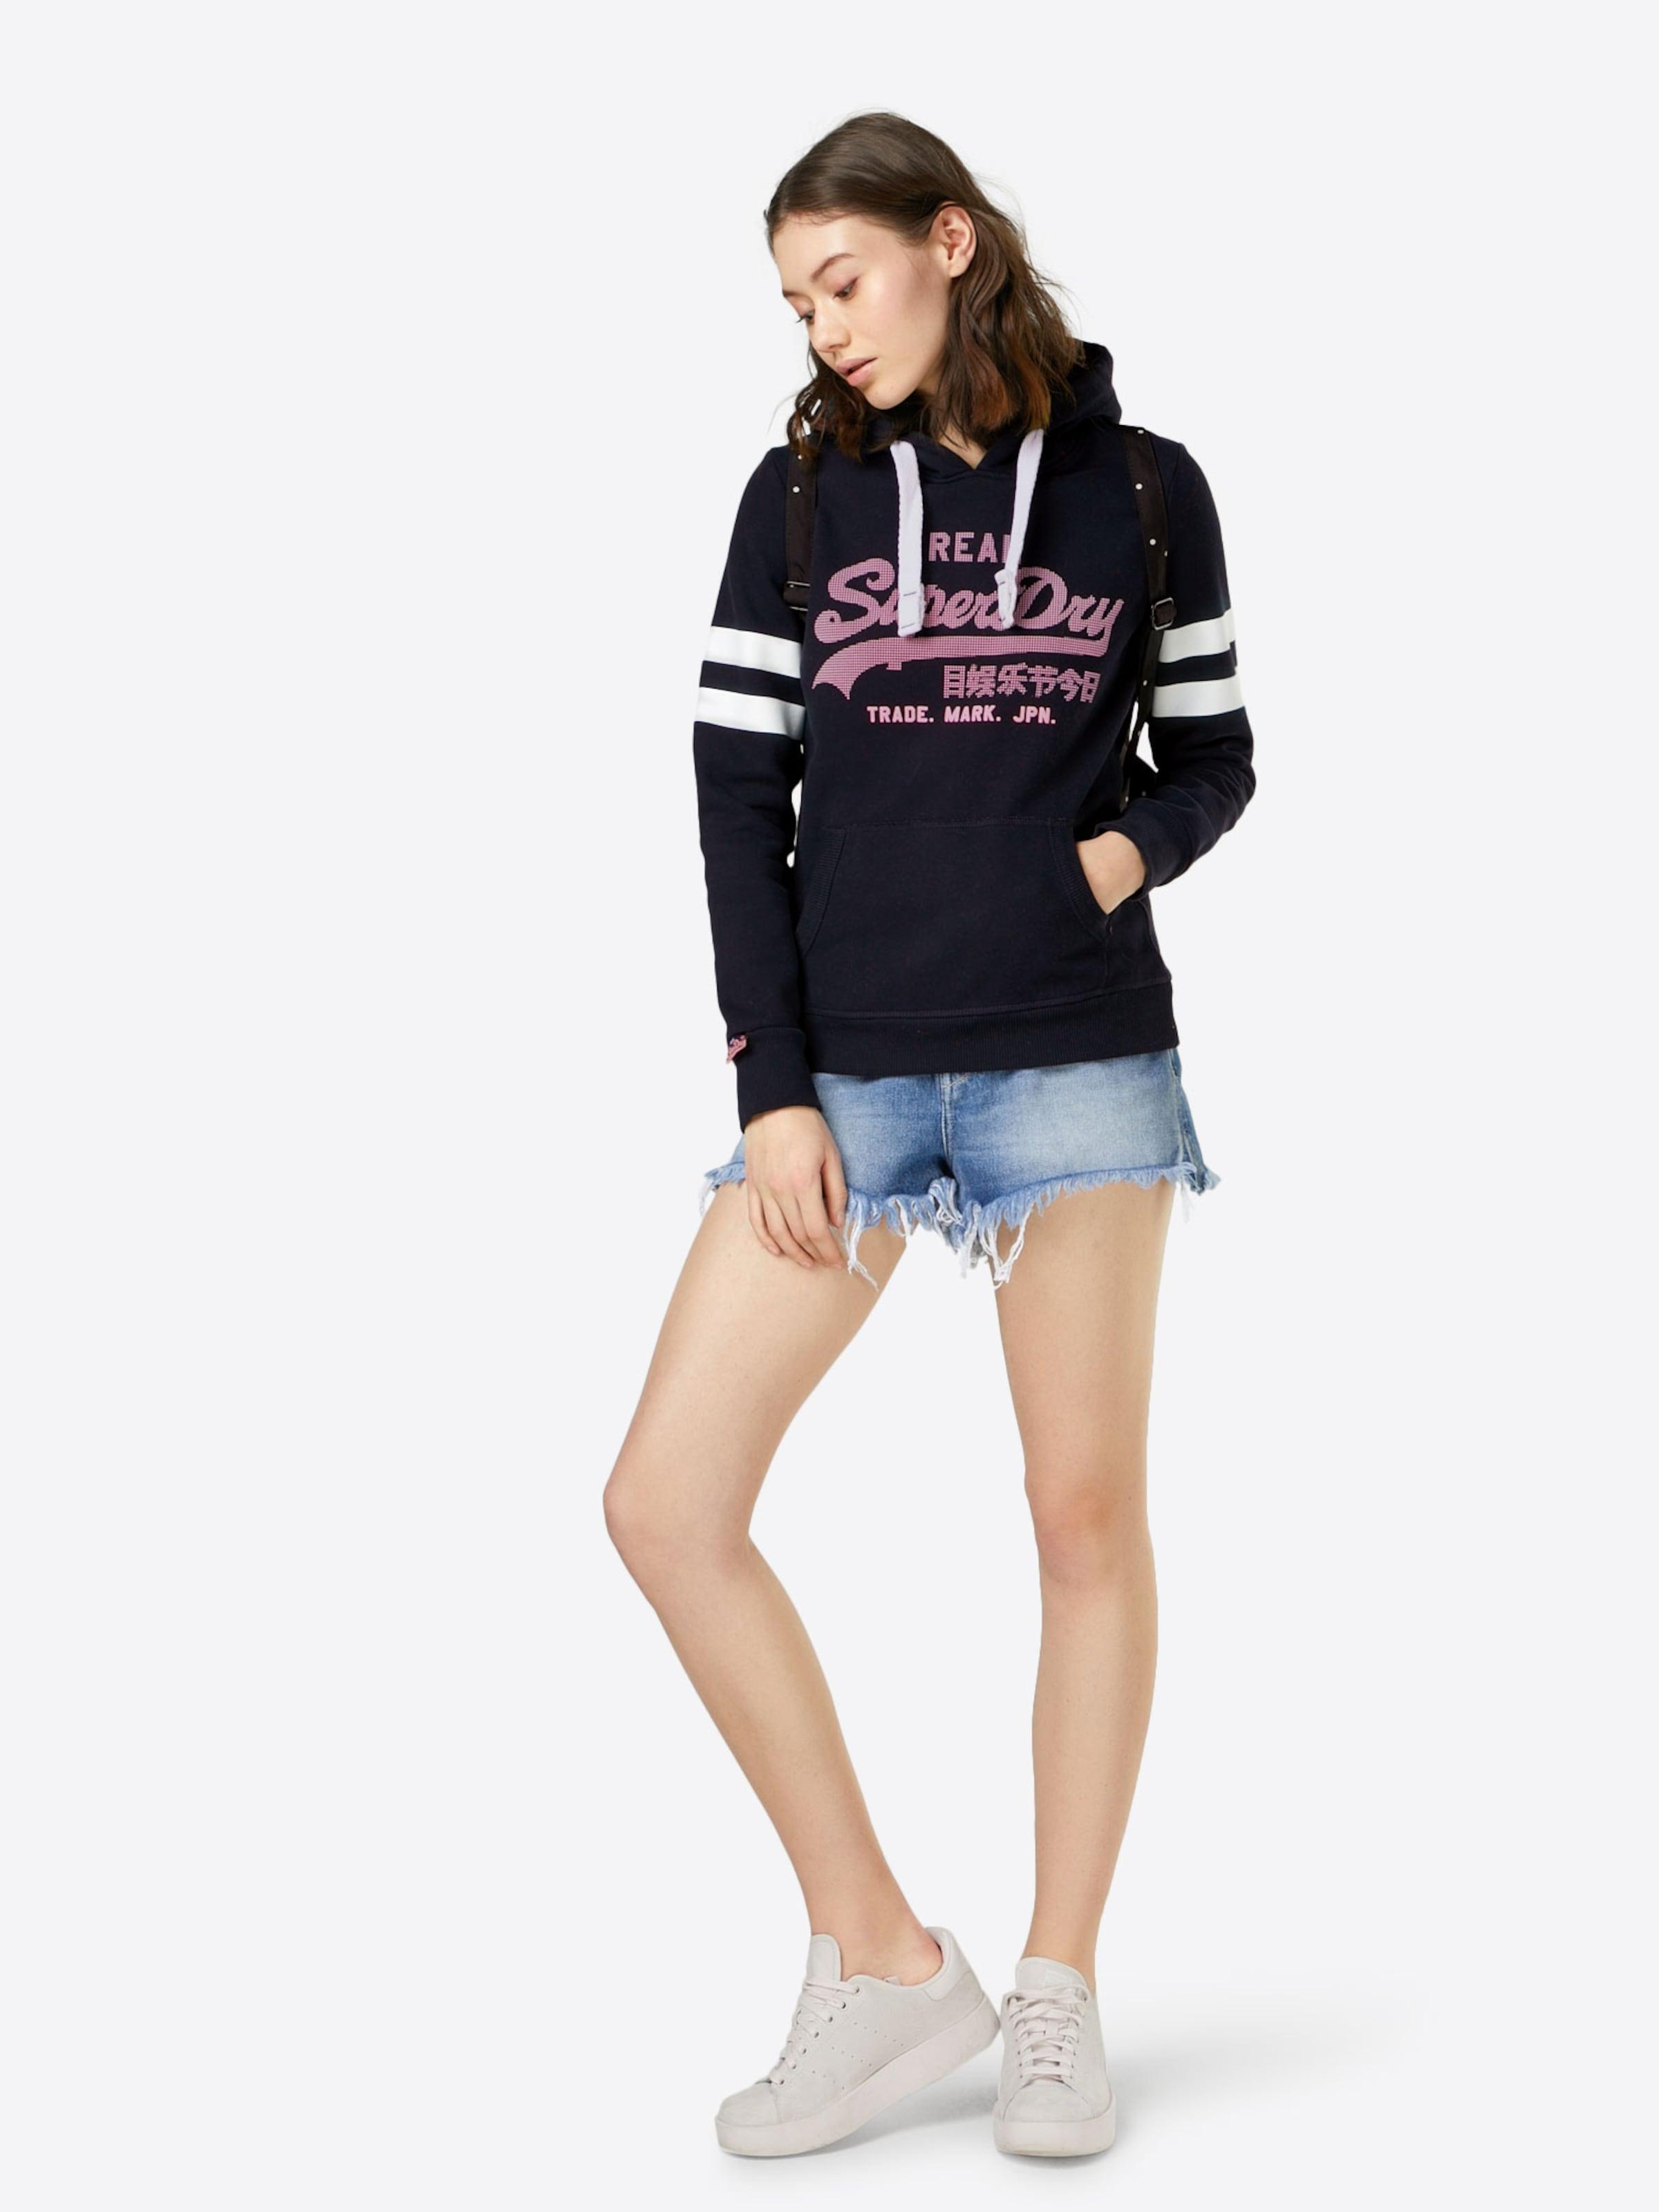 Hohe Qualität Günstig Online Offizielle Seite Online Superdry Sweatshirt Err5BPoL6H